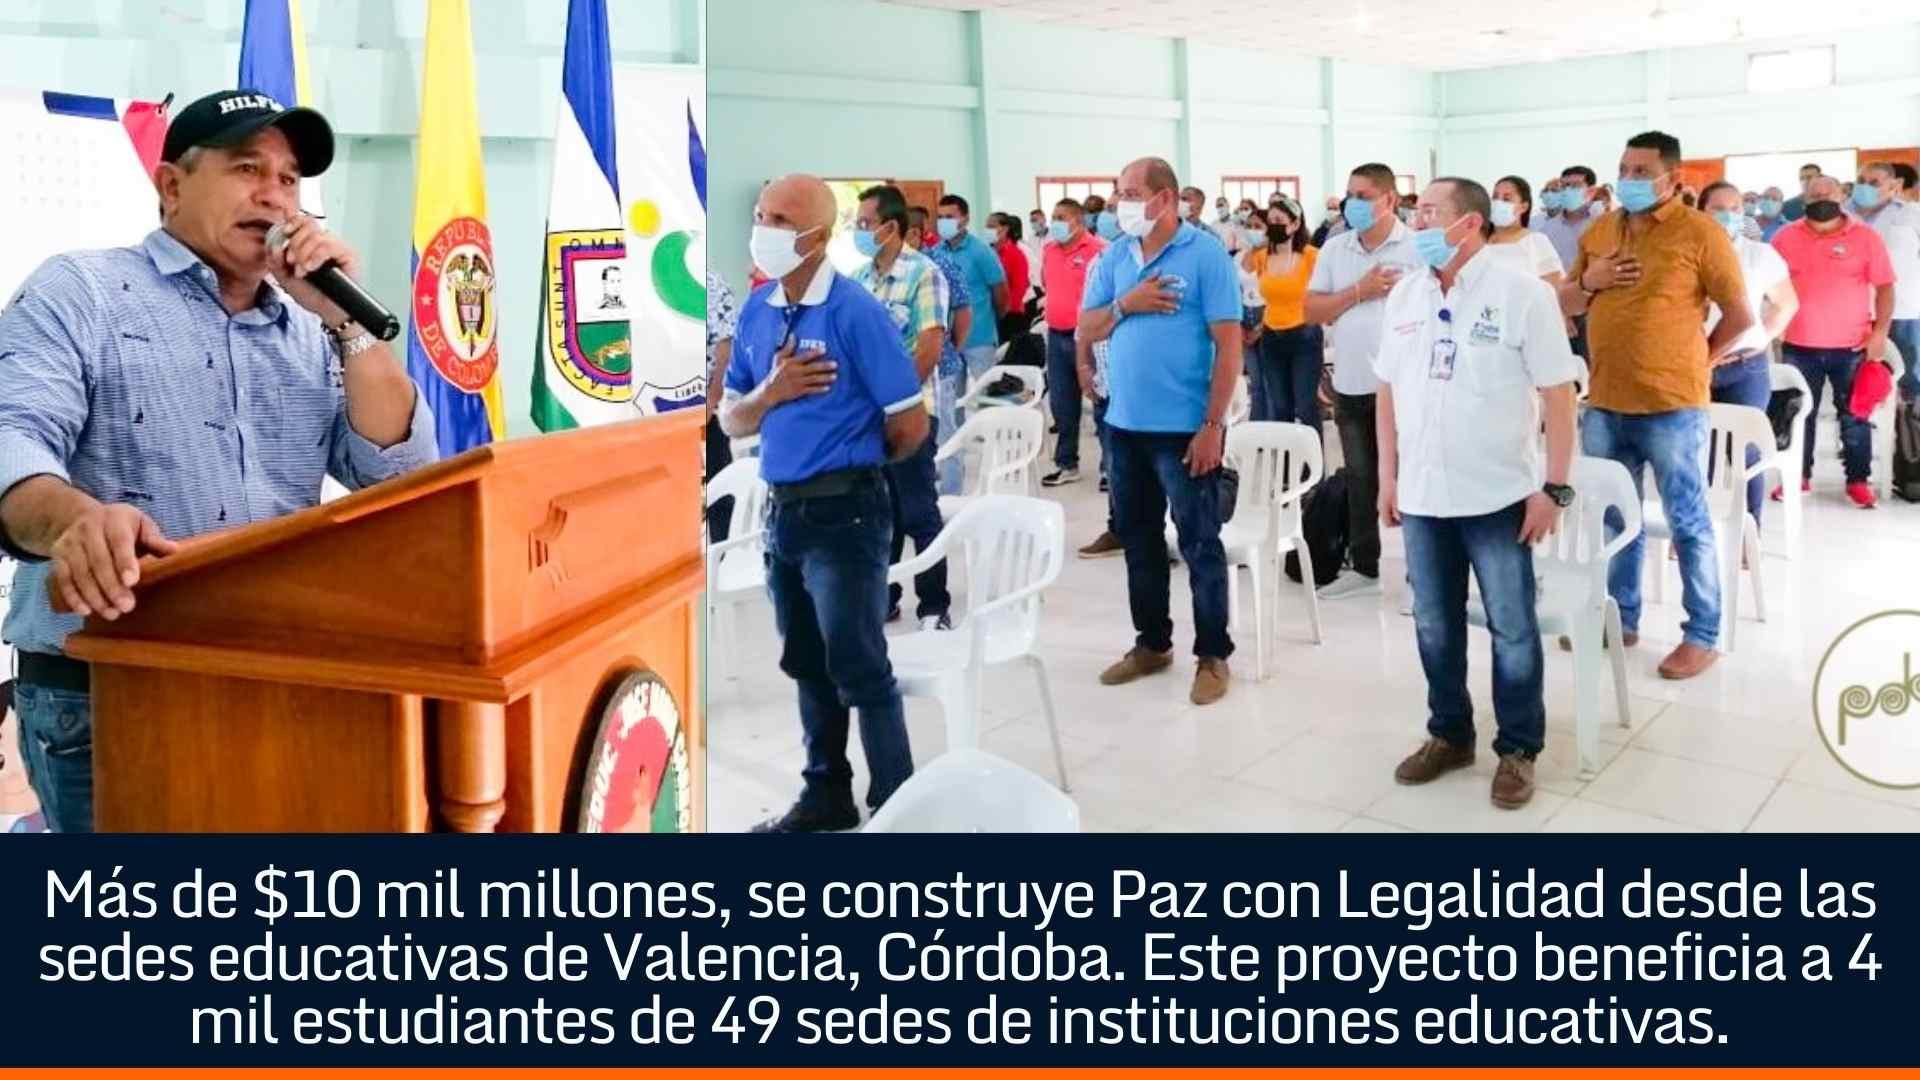 Con más de $10 mil millones, se construye Paz con Legalidad desde las sedes educativas de Valencia, Córdoba